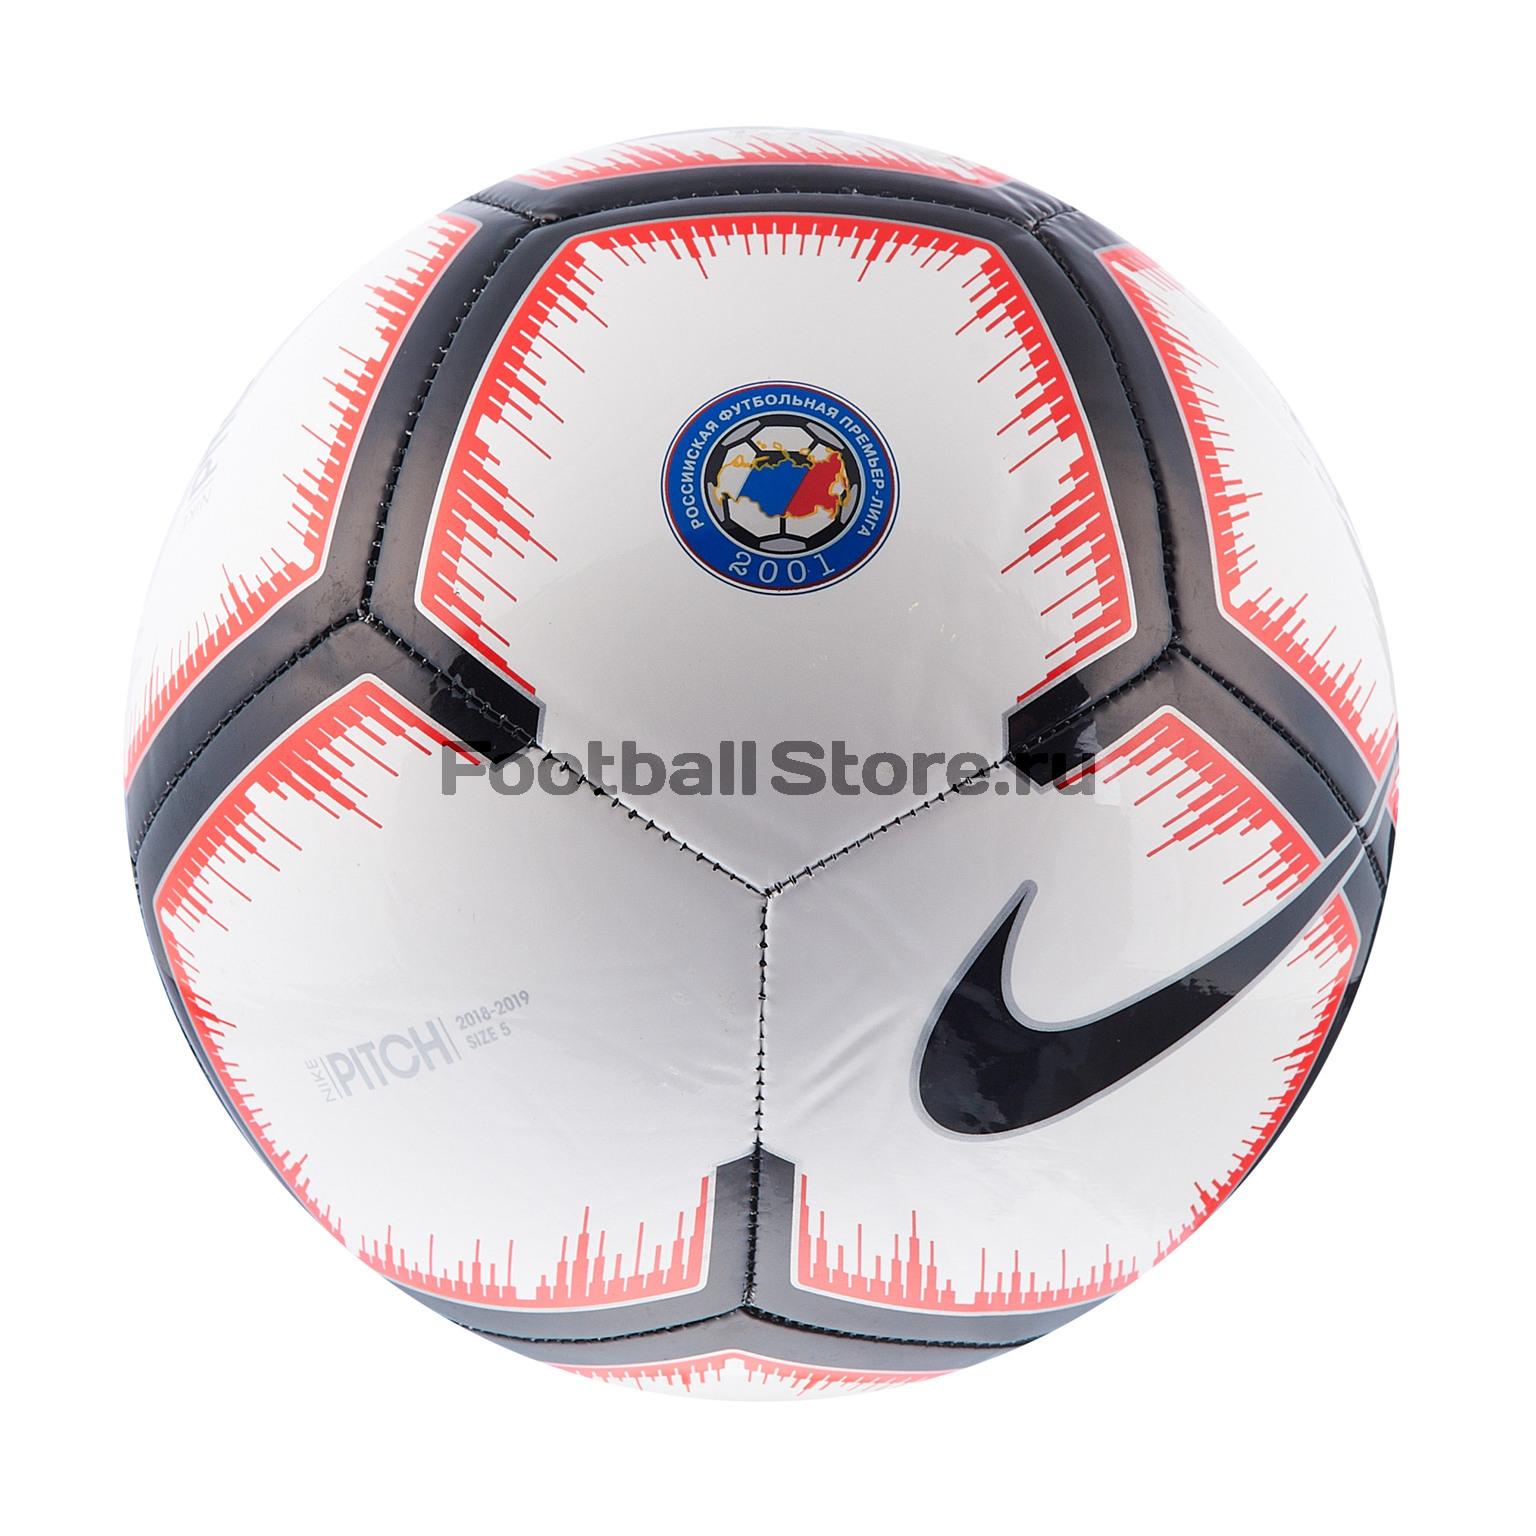 Футбольный мяч Nike RPL (Россия) Pitch SC3515-100 цена 2017